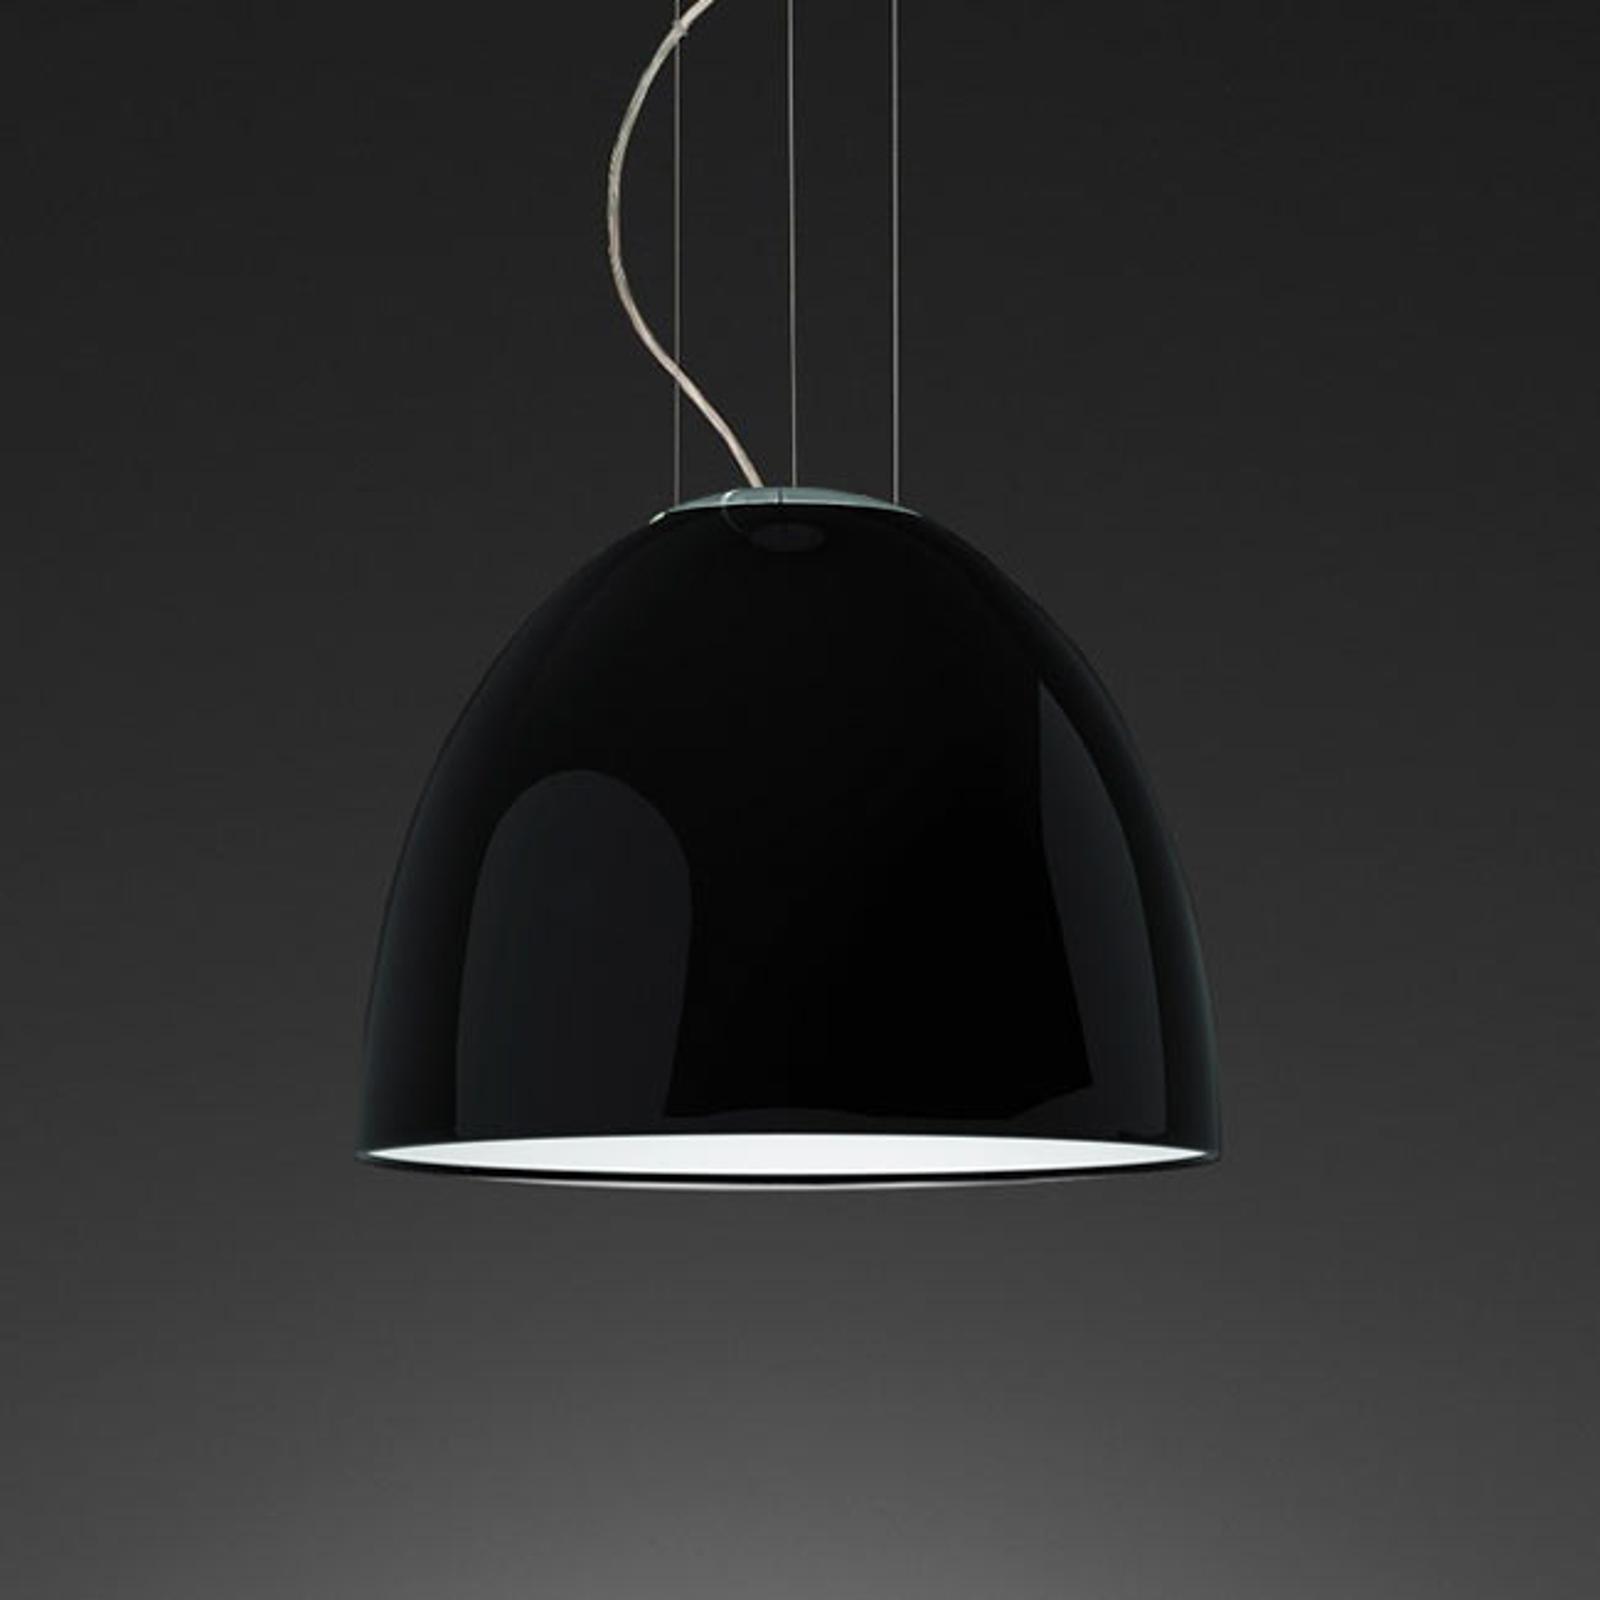 Petite suspension LED de designer Nur Gloss Mini